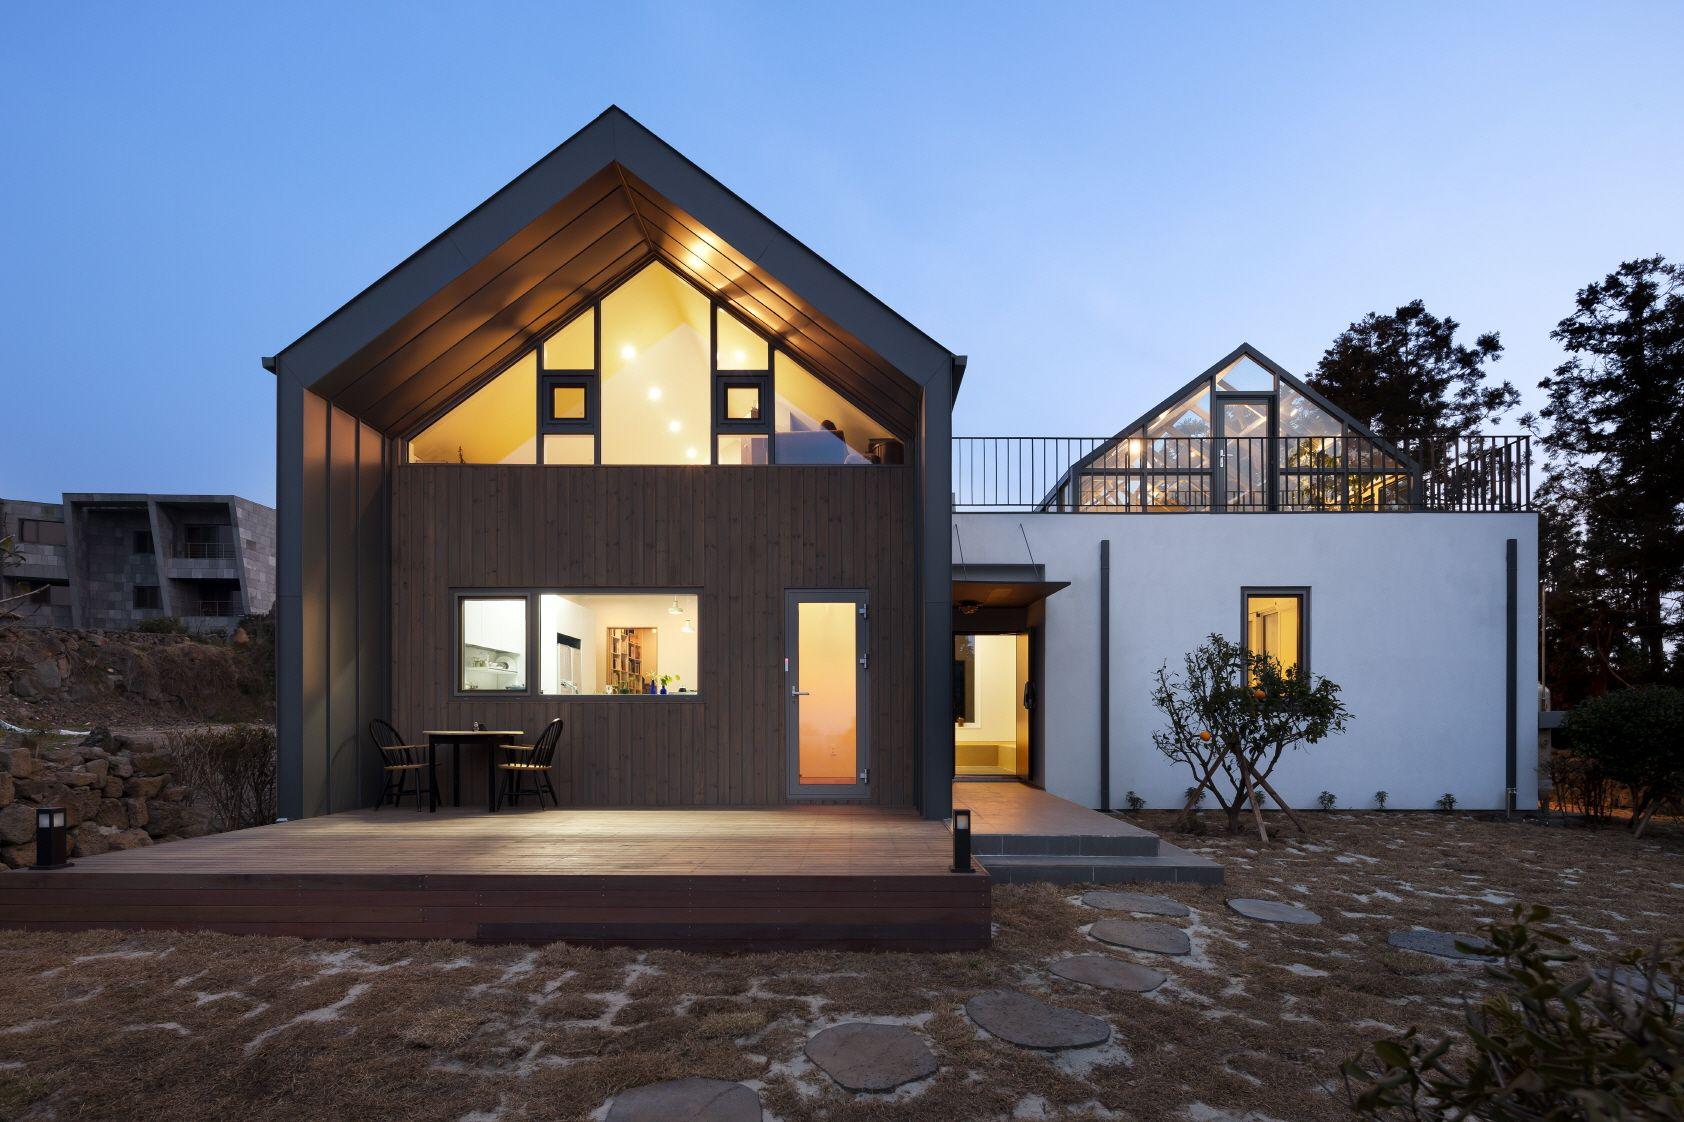 San Deul Baram Jib Jeju Aewol 제주 애월 산들바람집 에 있는 핀